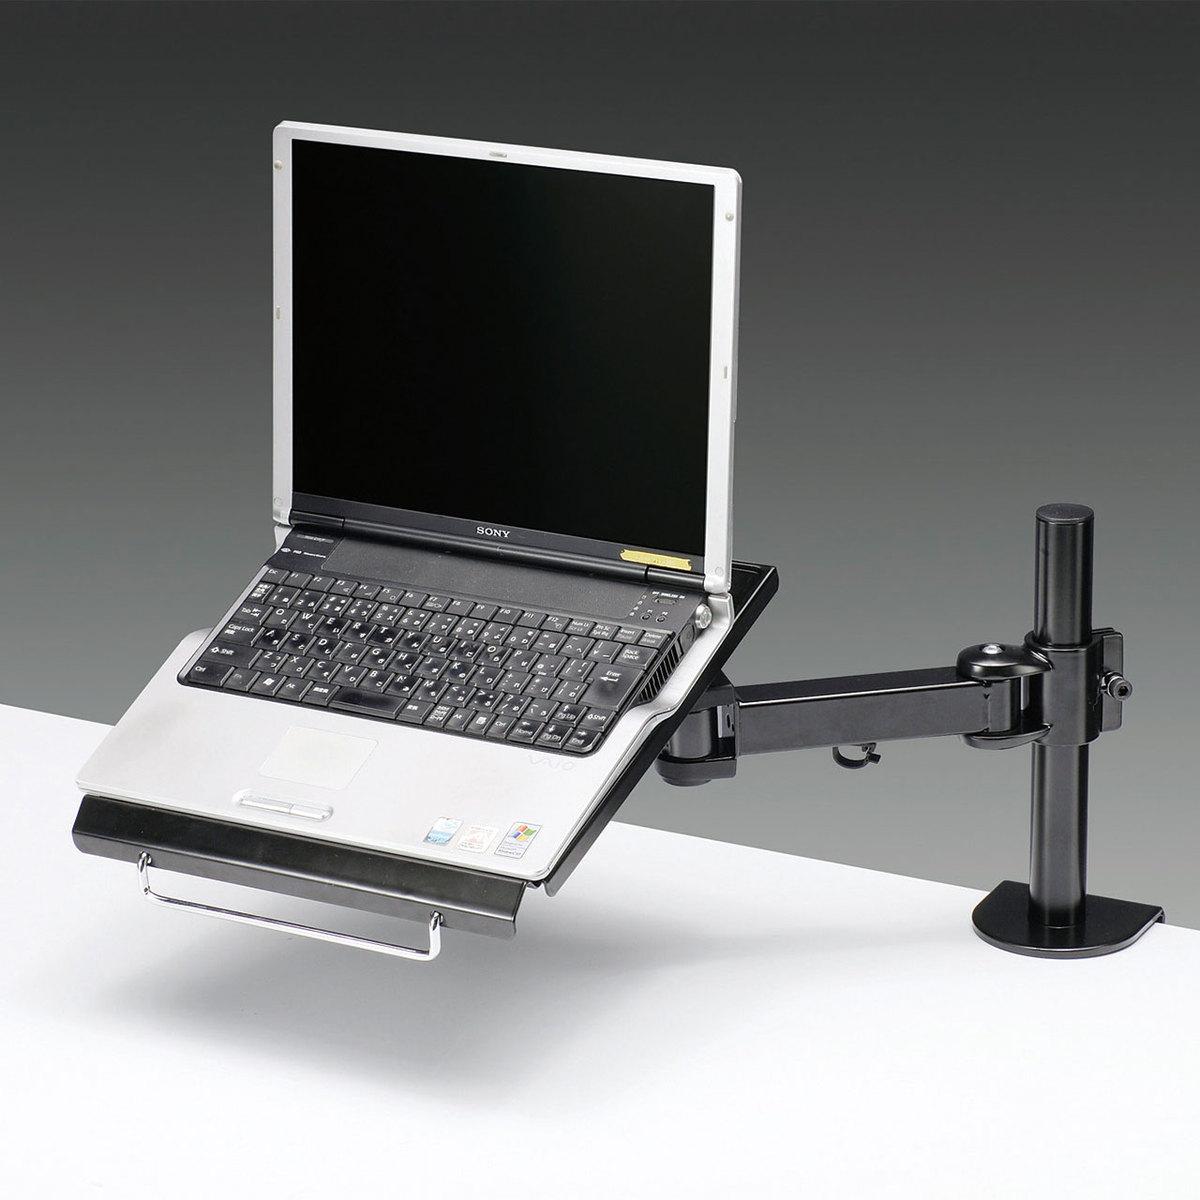 [CR-LANPC1] 【代引き不可】ノートPCアーム